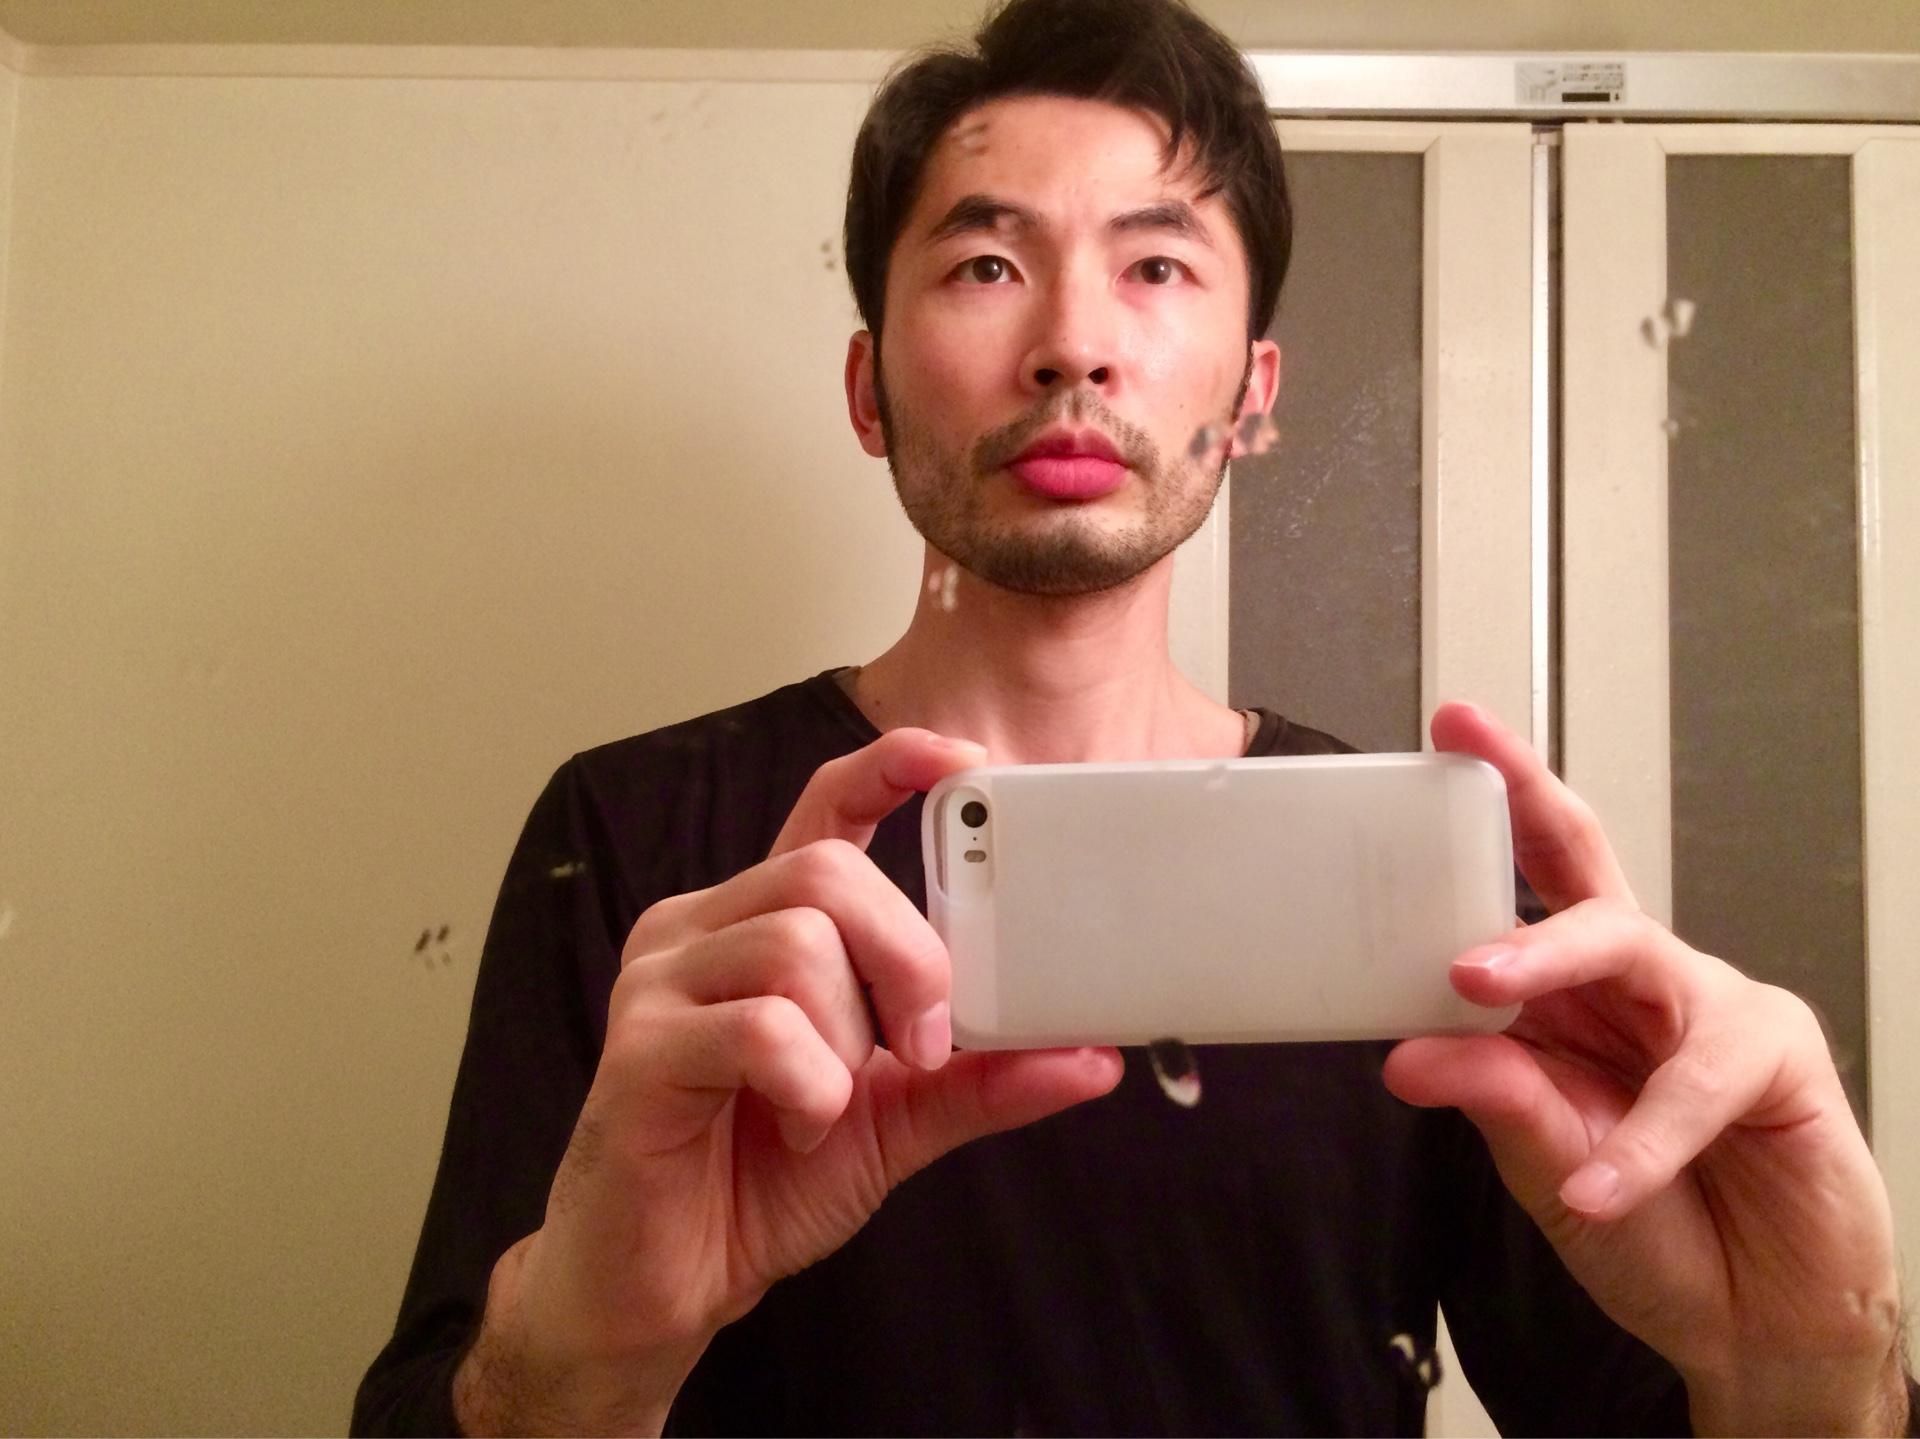 ひげの濃さが気になり脱毛を決意した男性